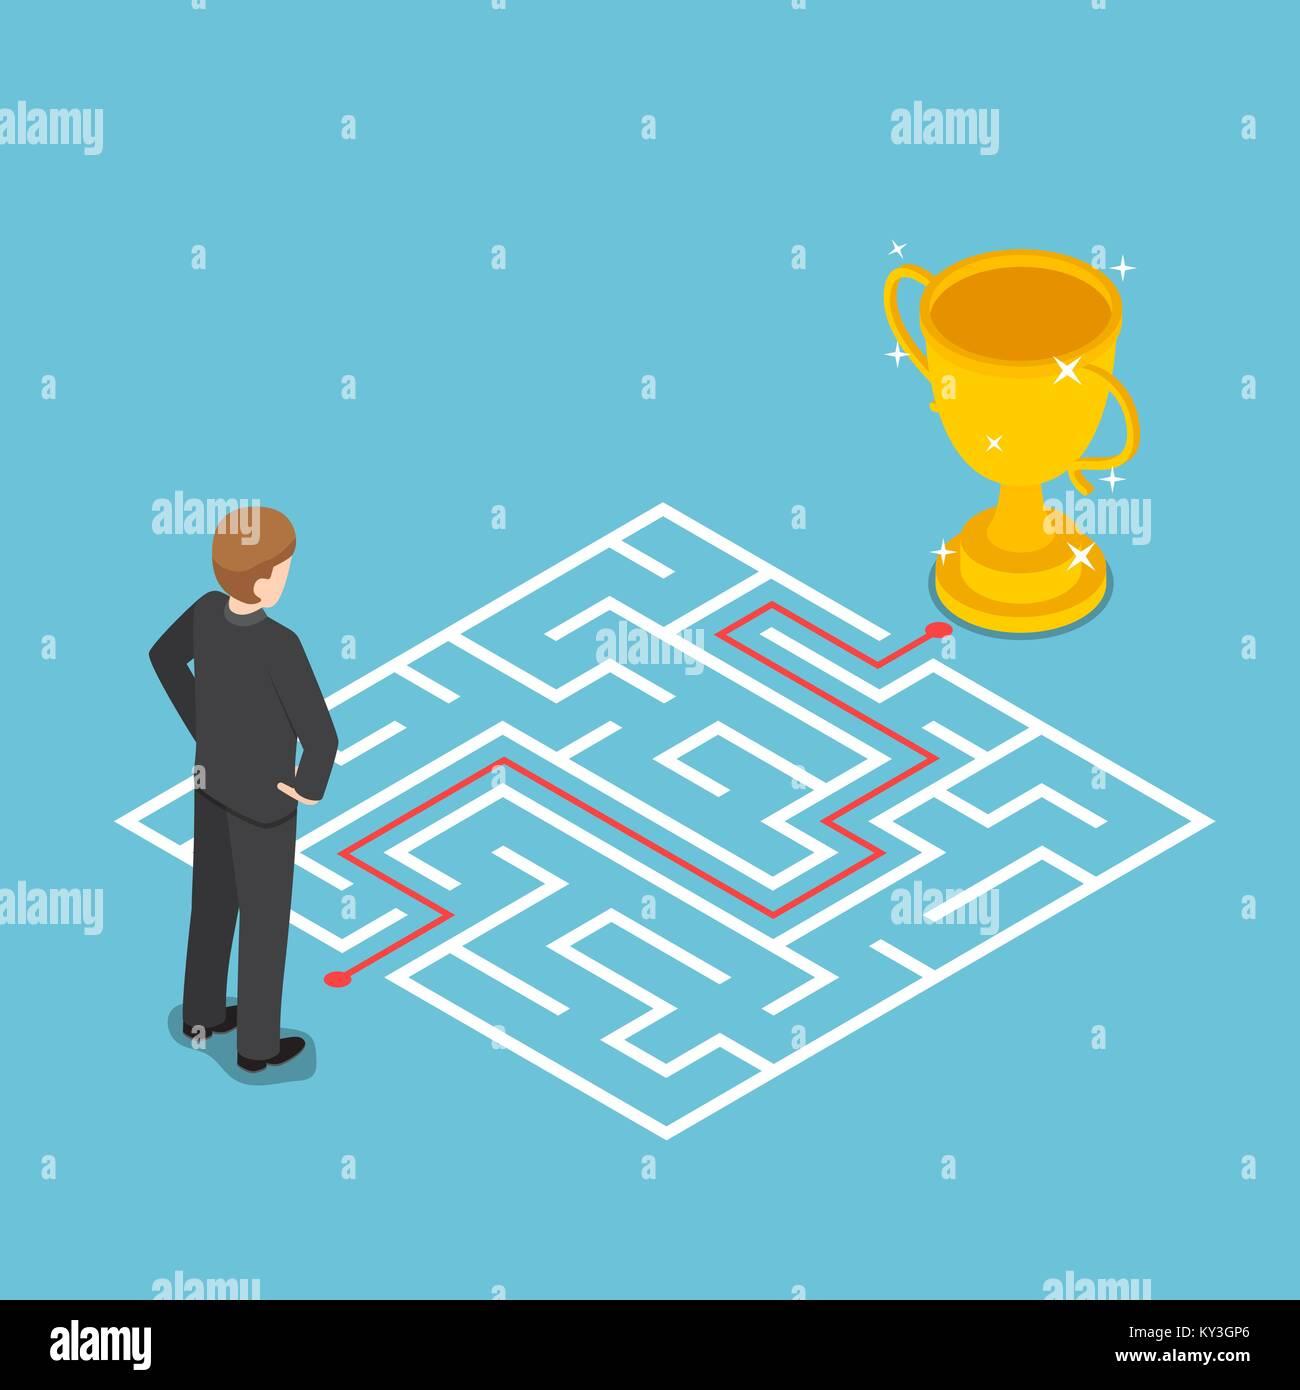 Cartoon Maze Labyrinth Game Stock Photos Amp Cartoon Maze